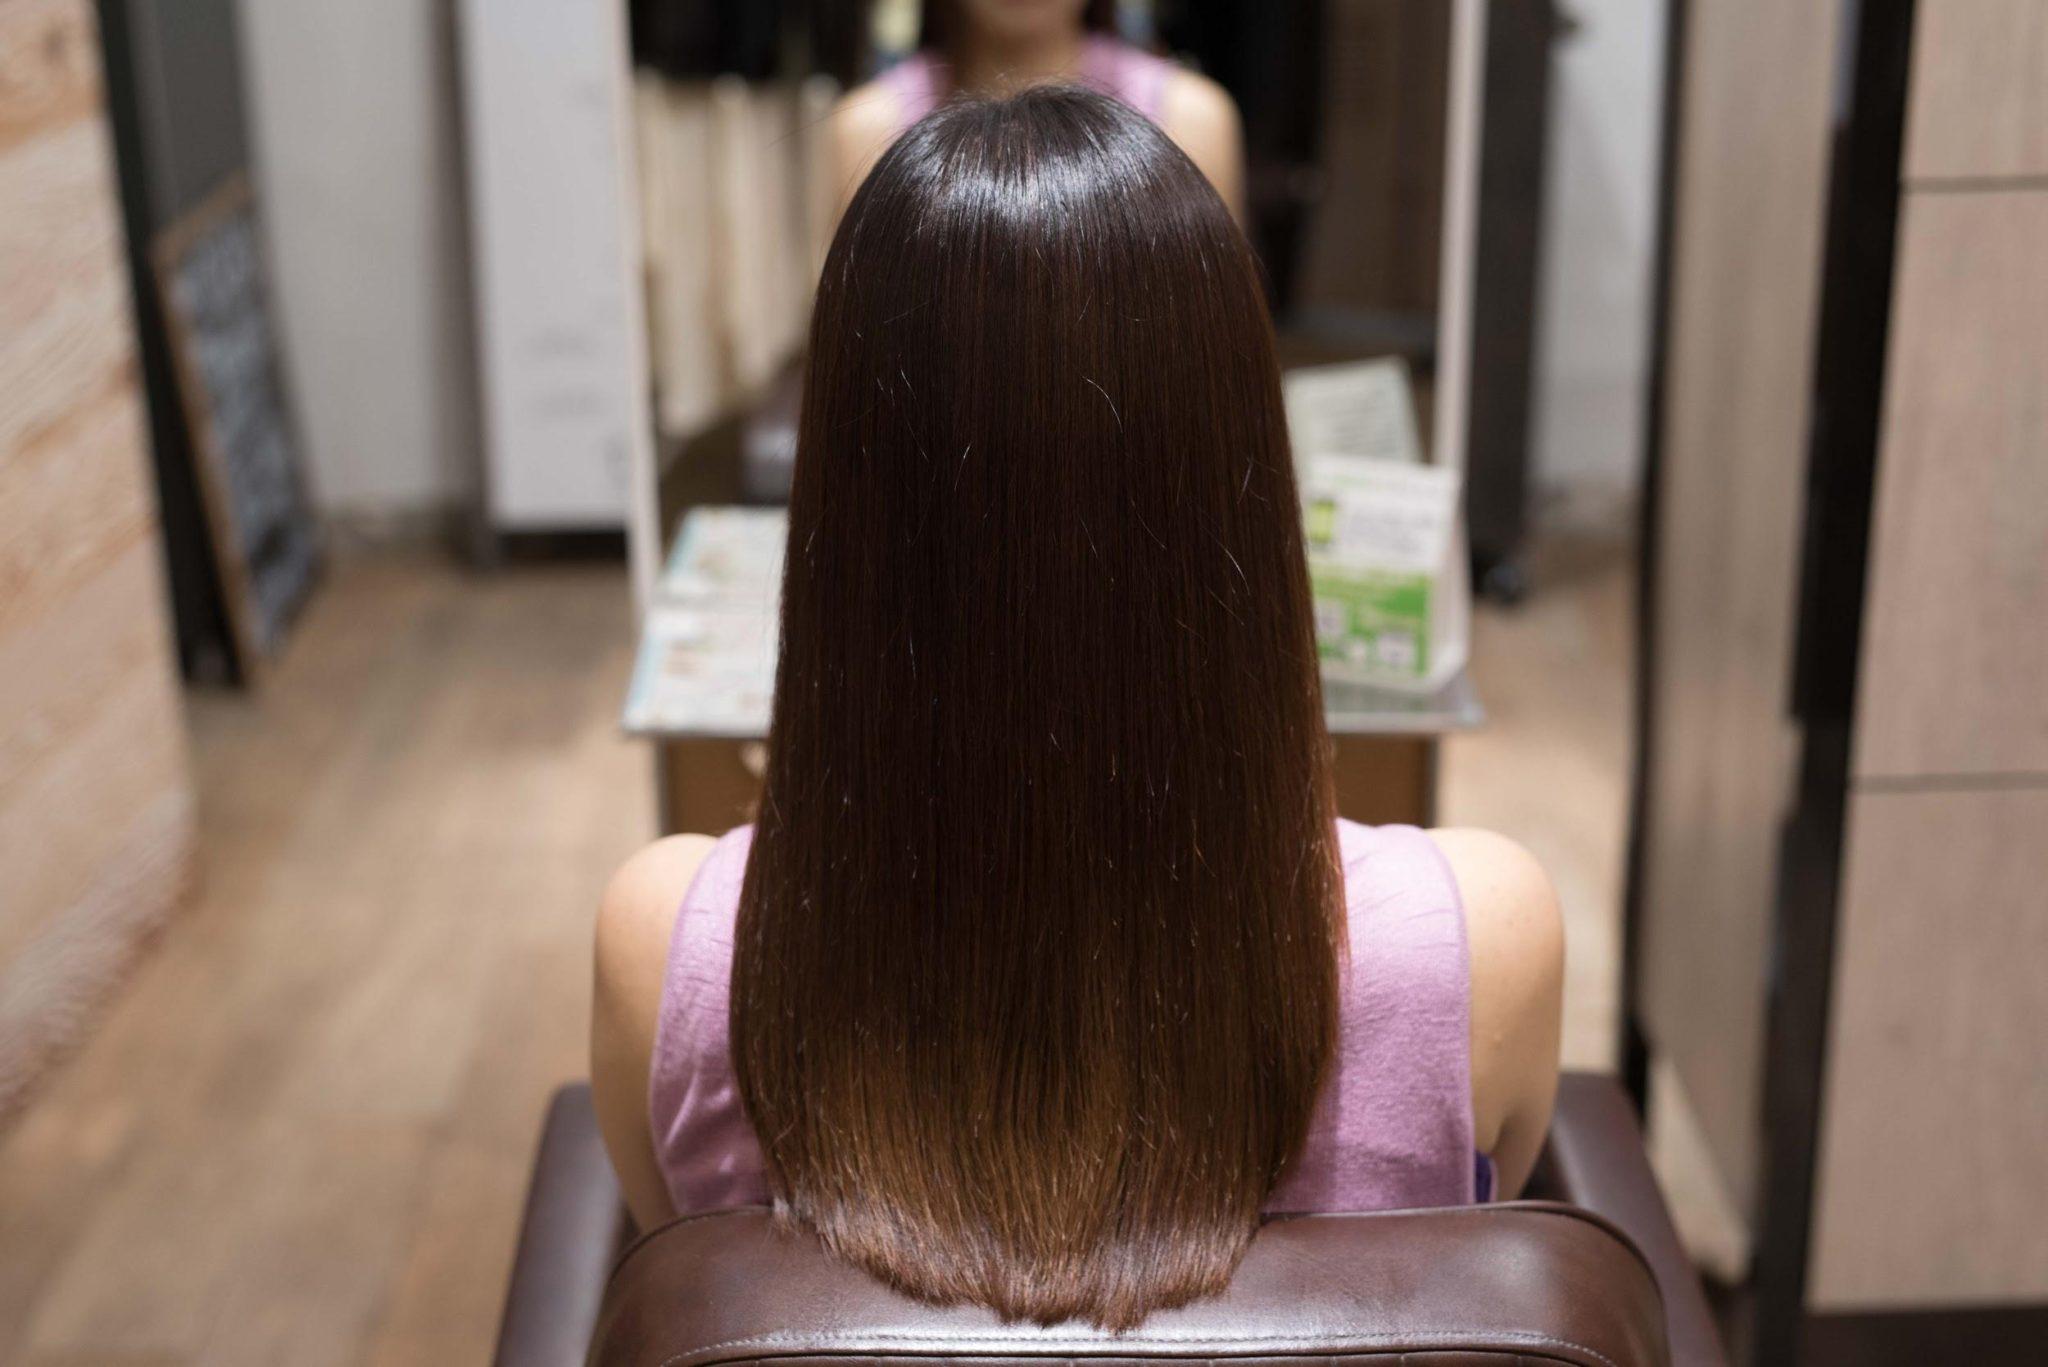 AFTER 施術後|髪が広がる方には髪質改善矯正がおすすめ